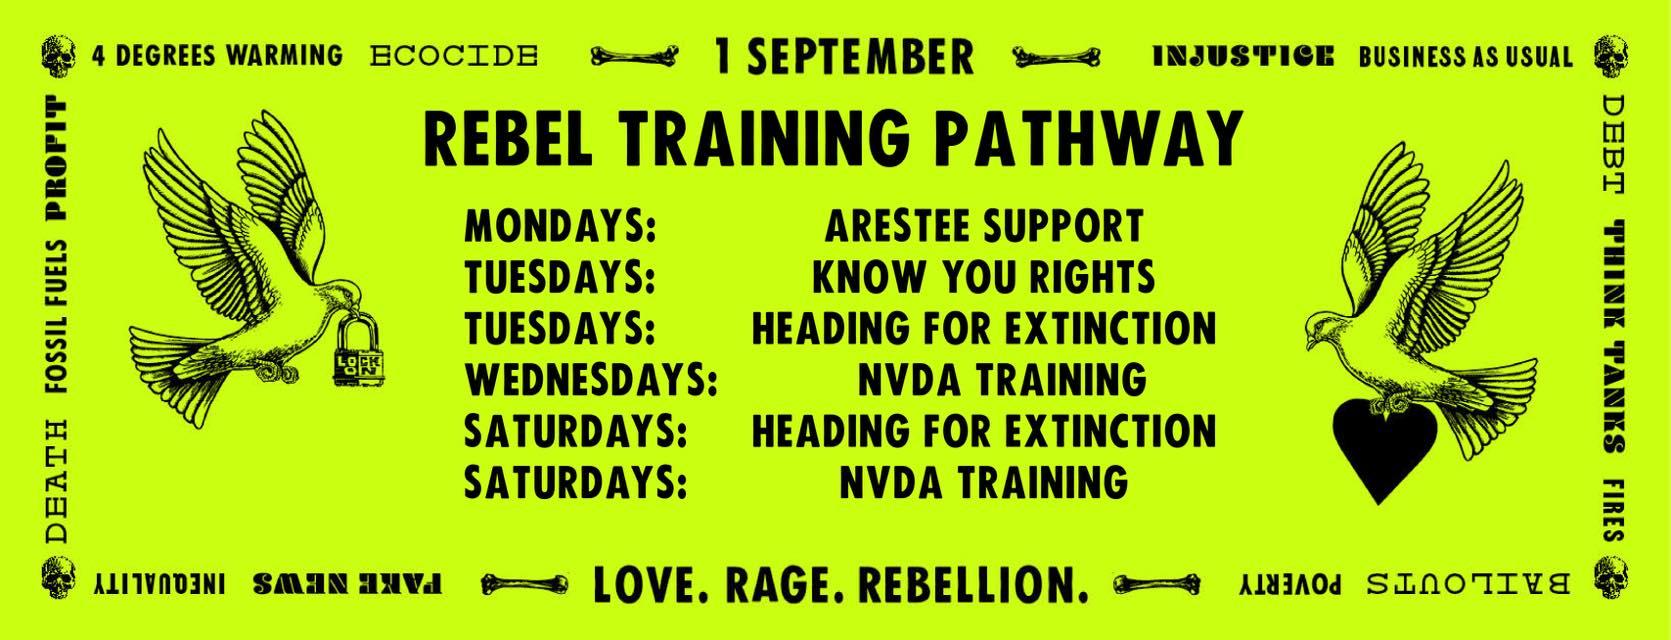 Extinction Rebellion Derby training pathway